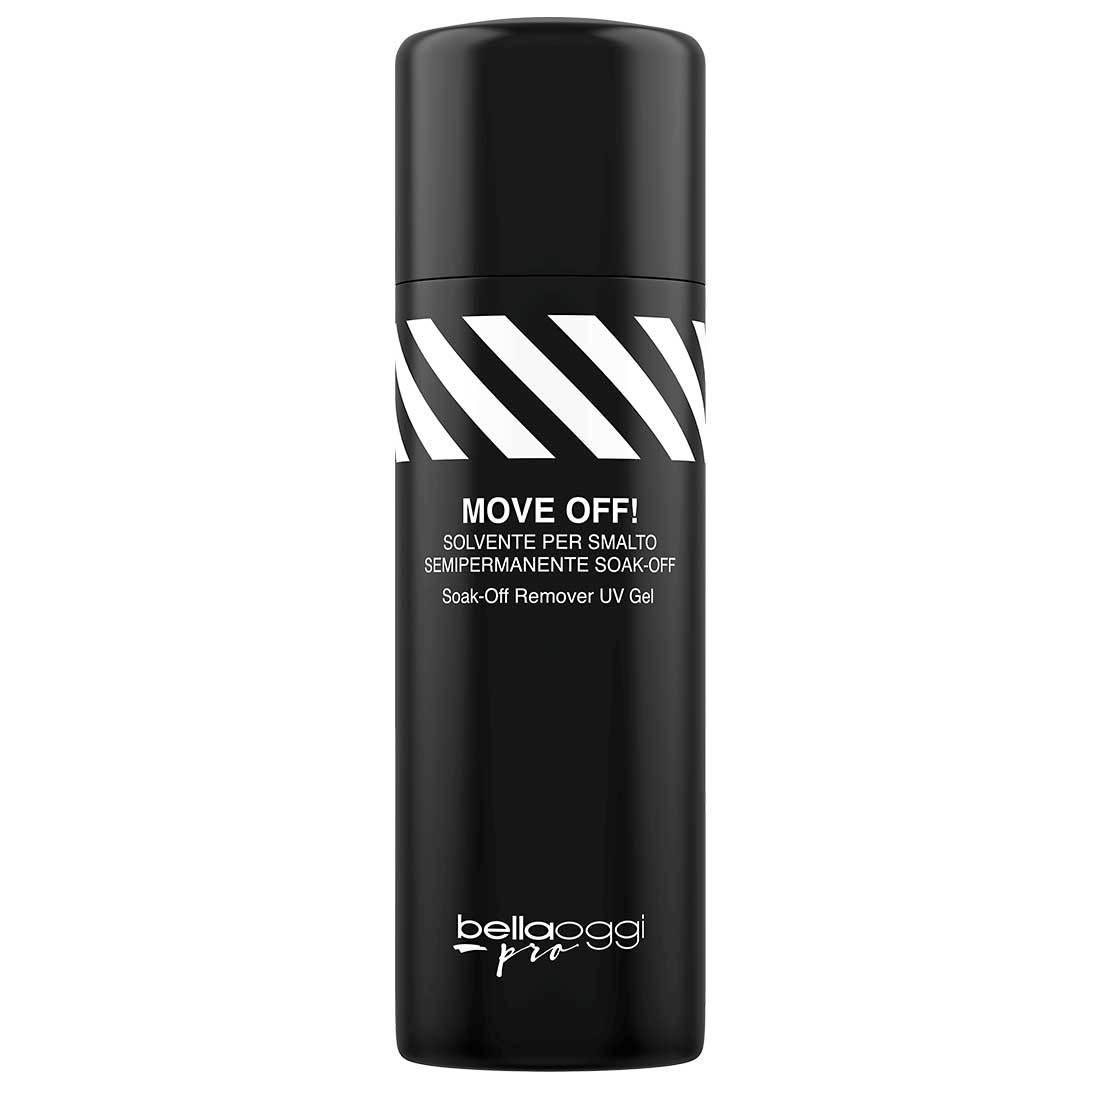 Remover Move Off Bellaoggi 120 ml